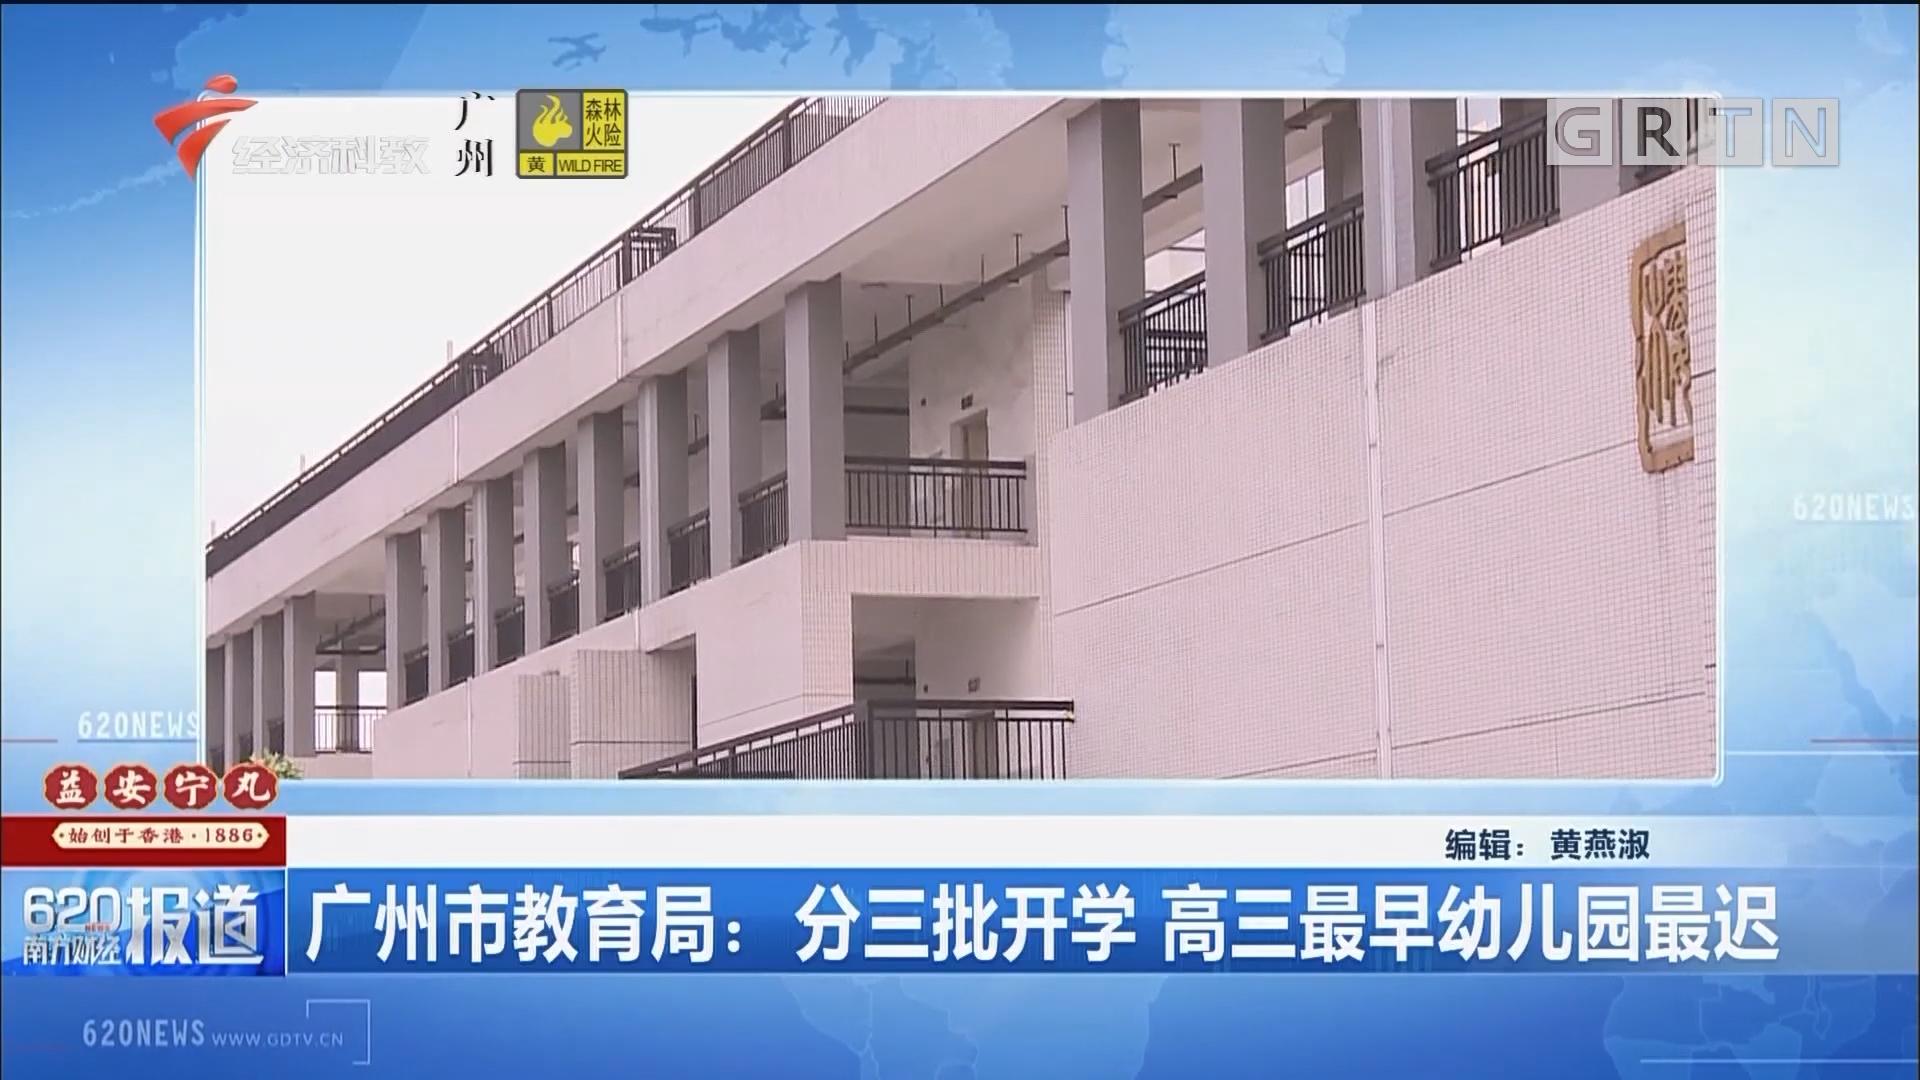 广州市教育局:分三批开学 高三最早幼儿园最迟